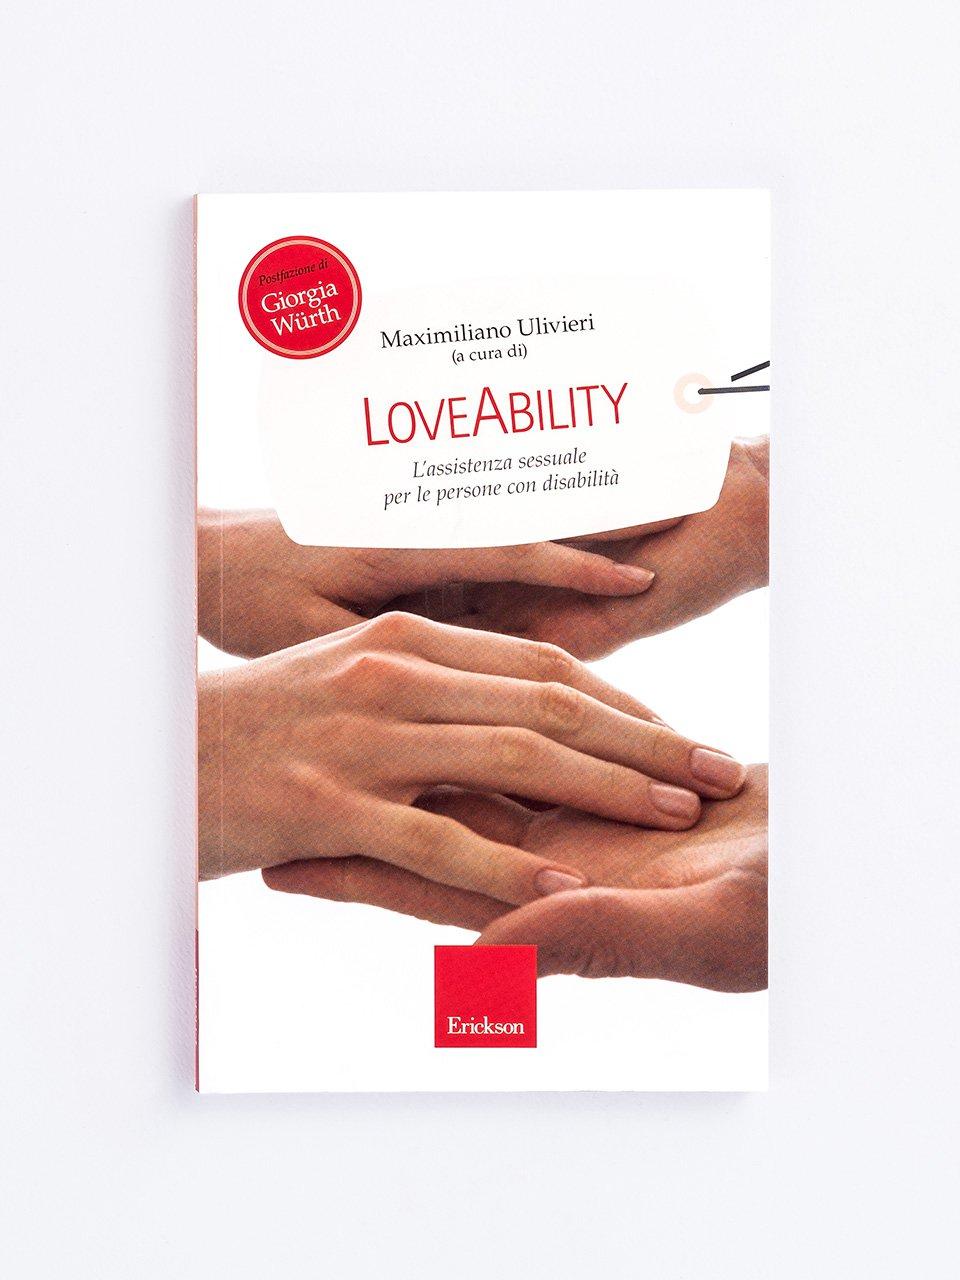 LoveAbility - Il diritto alla sessualità e la disabilità, tra bi - Libri - Erickson